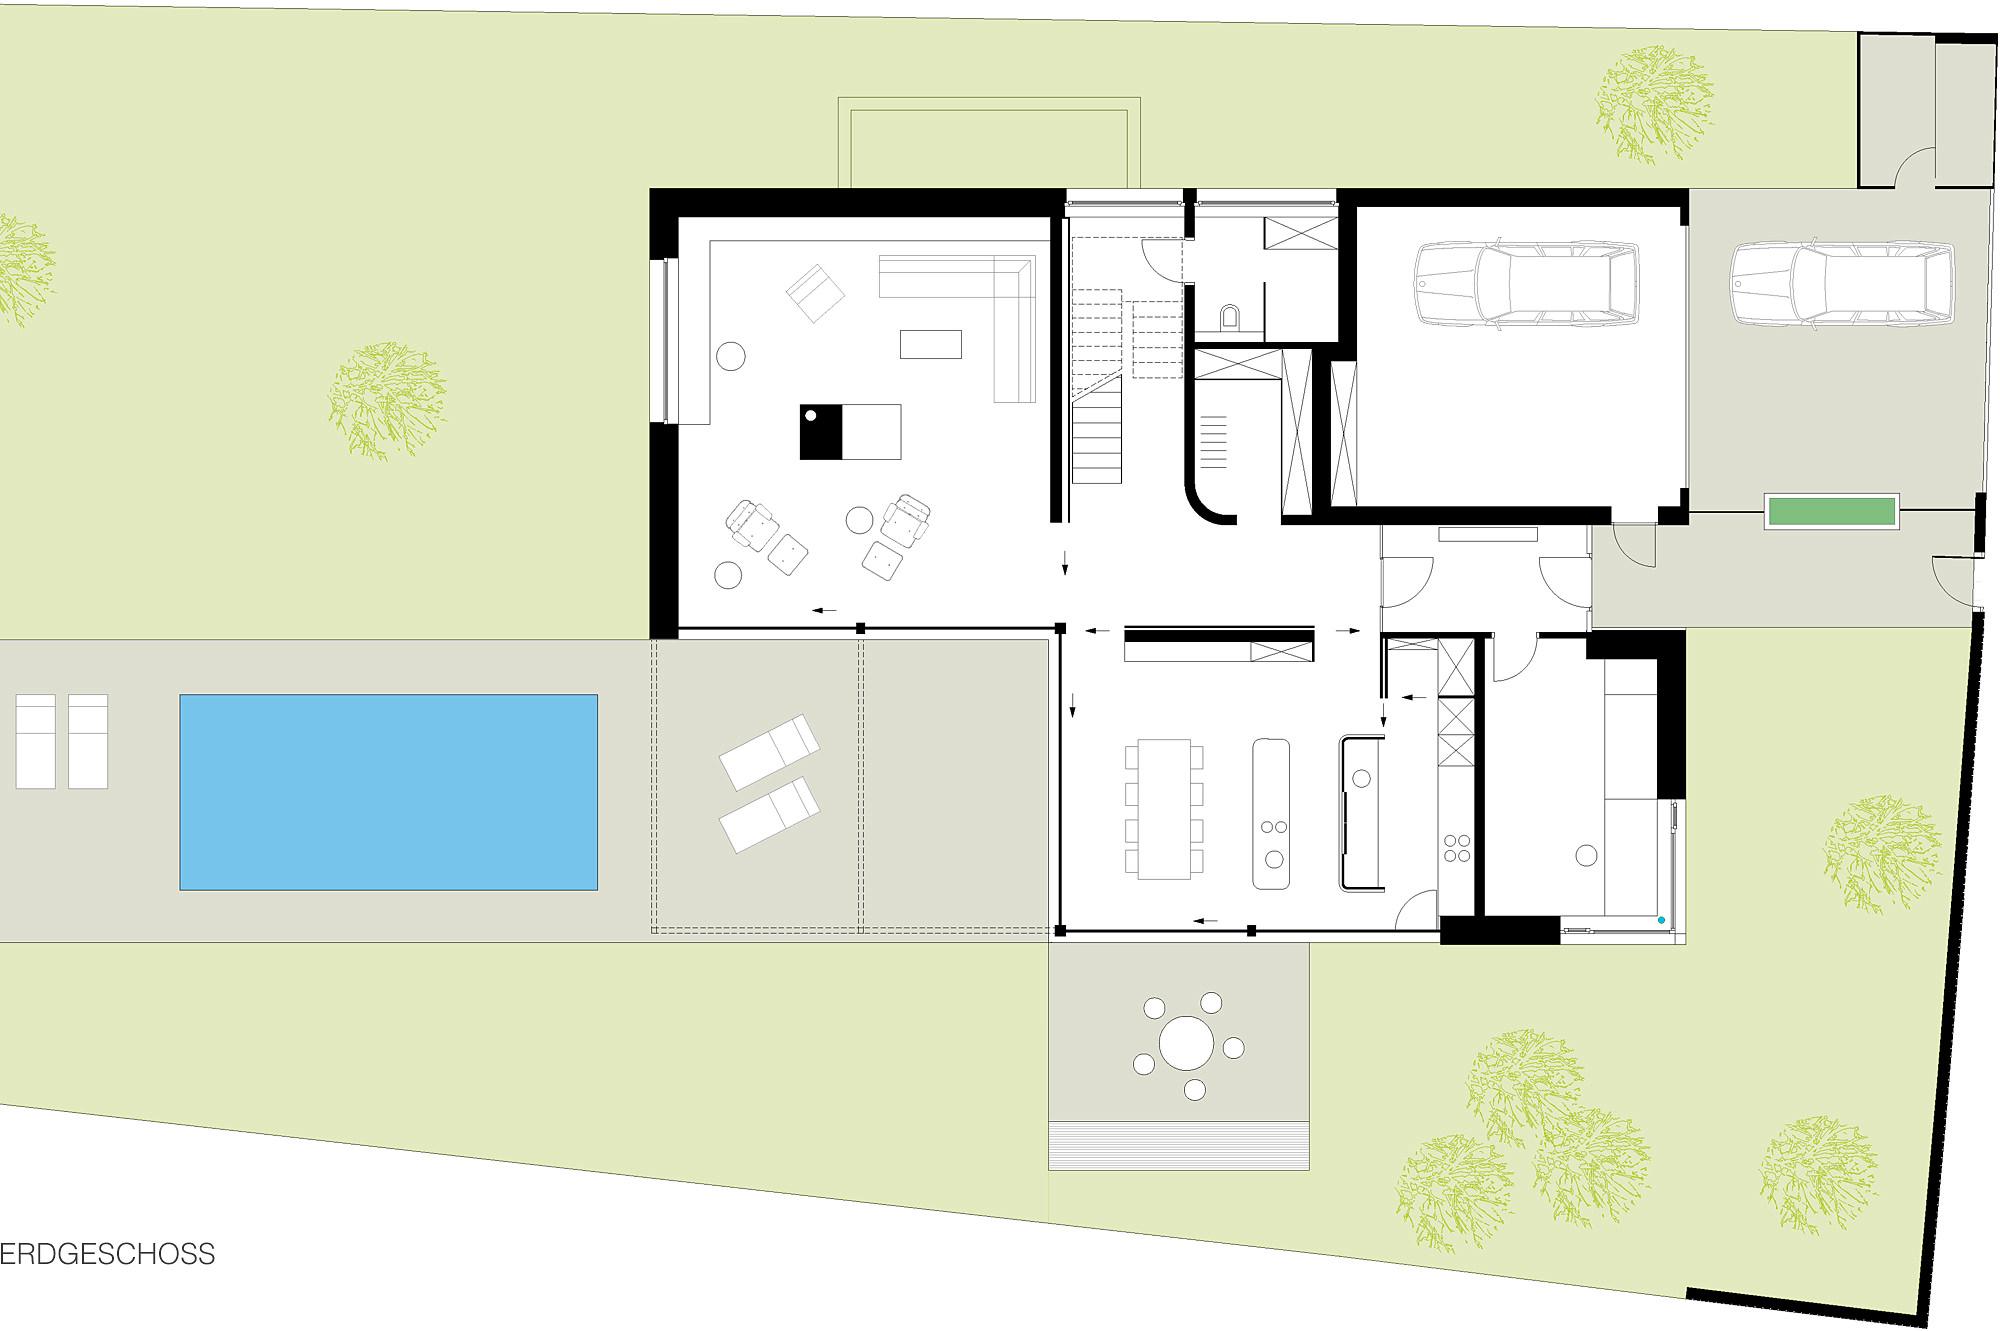 haus_h_05_einfamilienhaus_in_gaaden_niederoesterreich_junger_beer_architektur